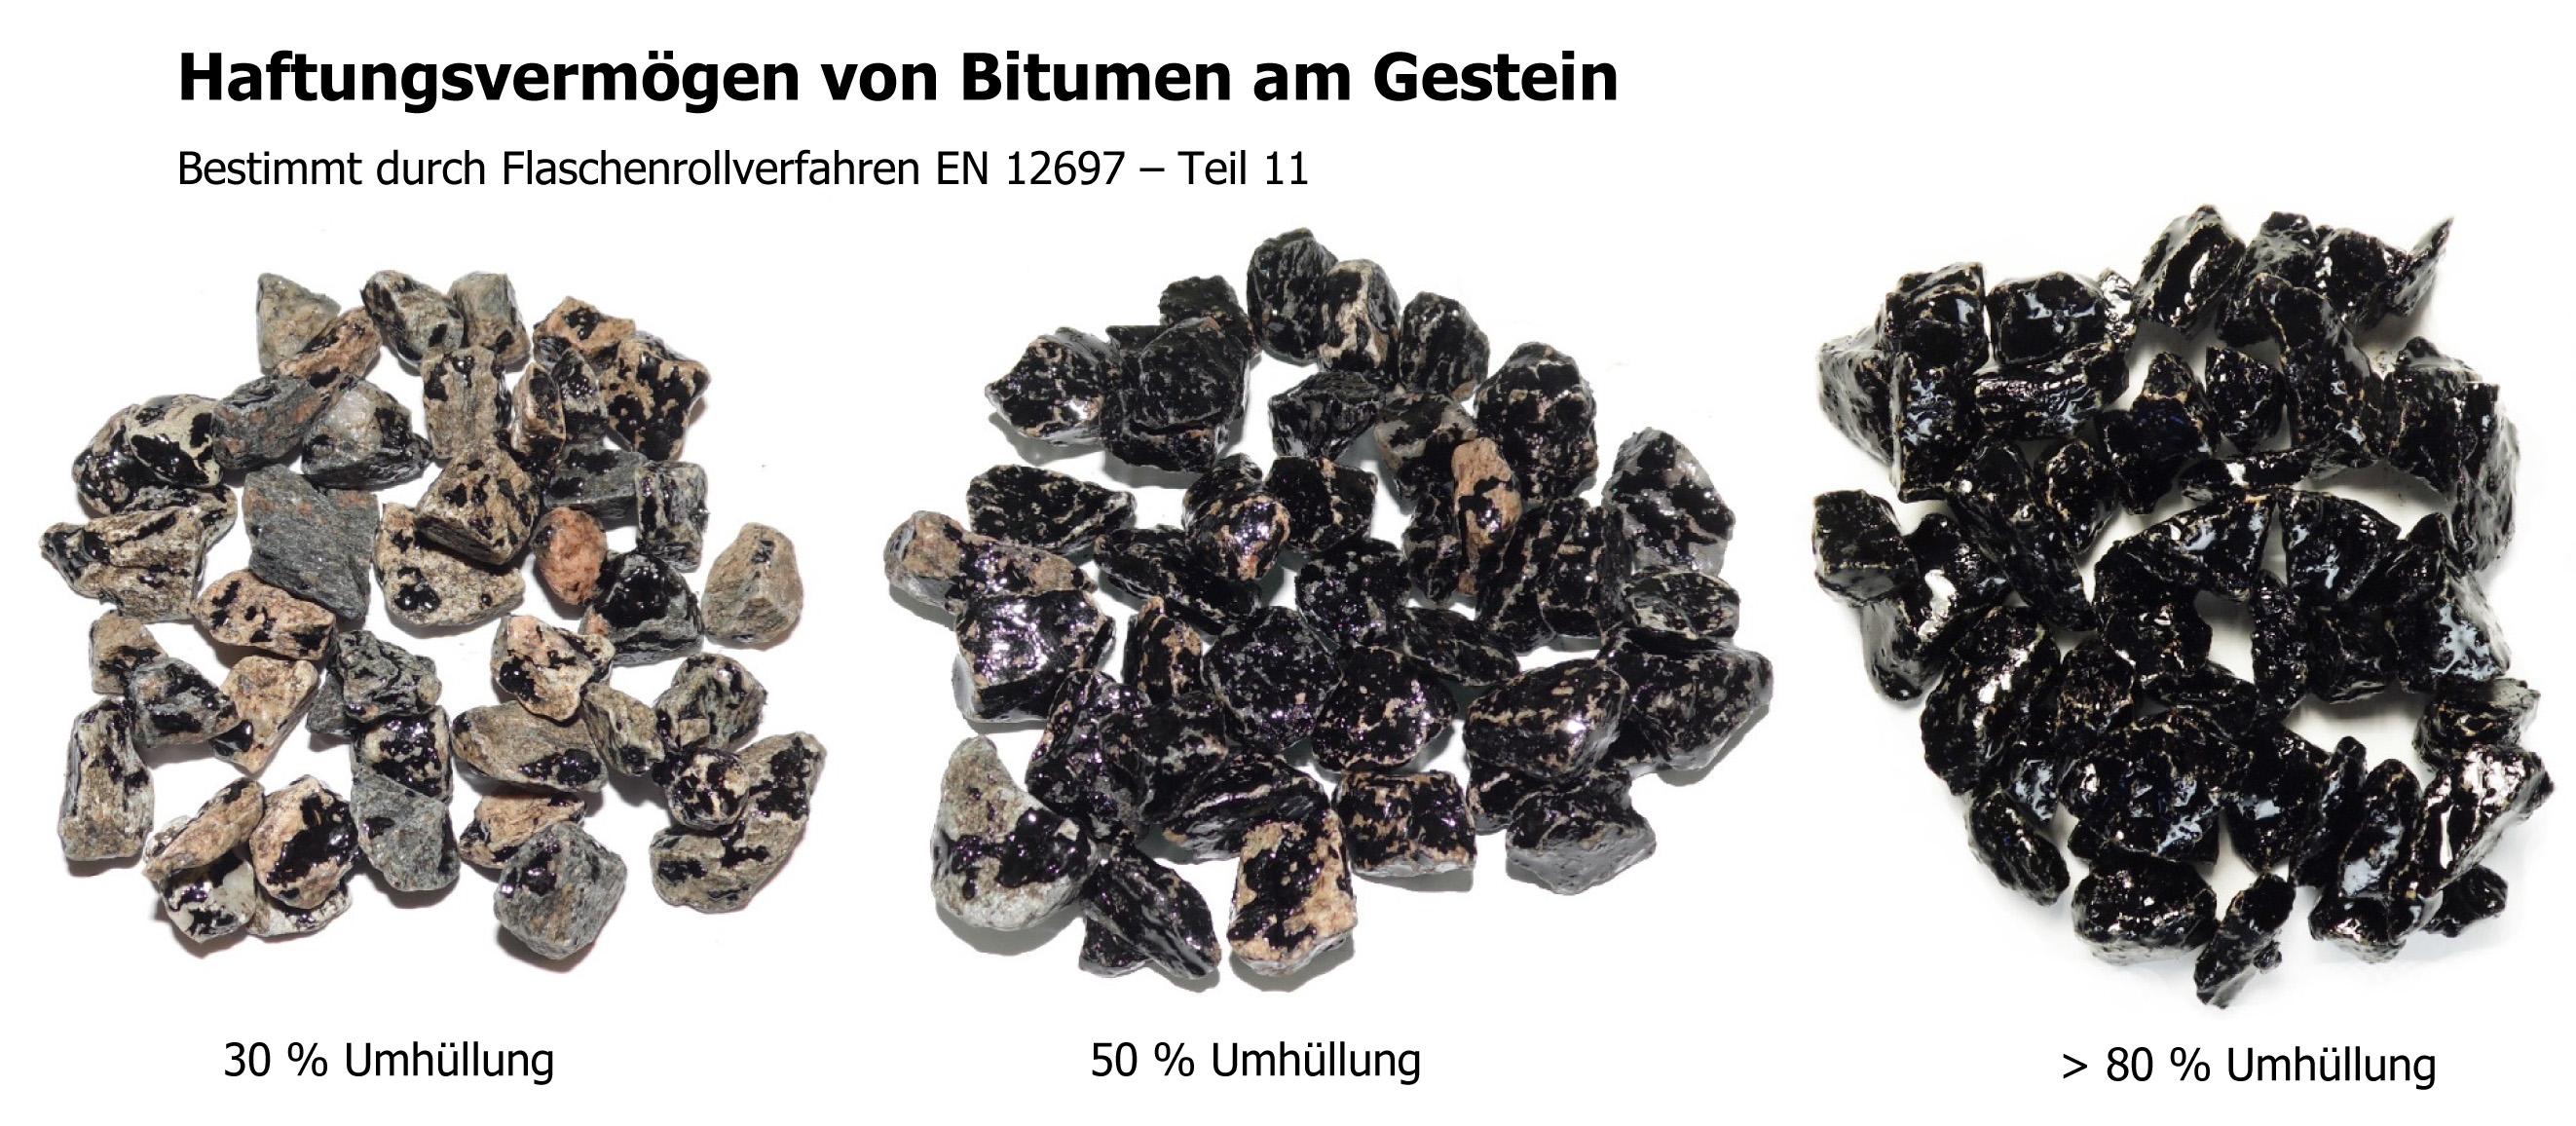 Haftungsvermögen von Bitumen am Gestein